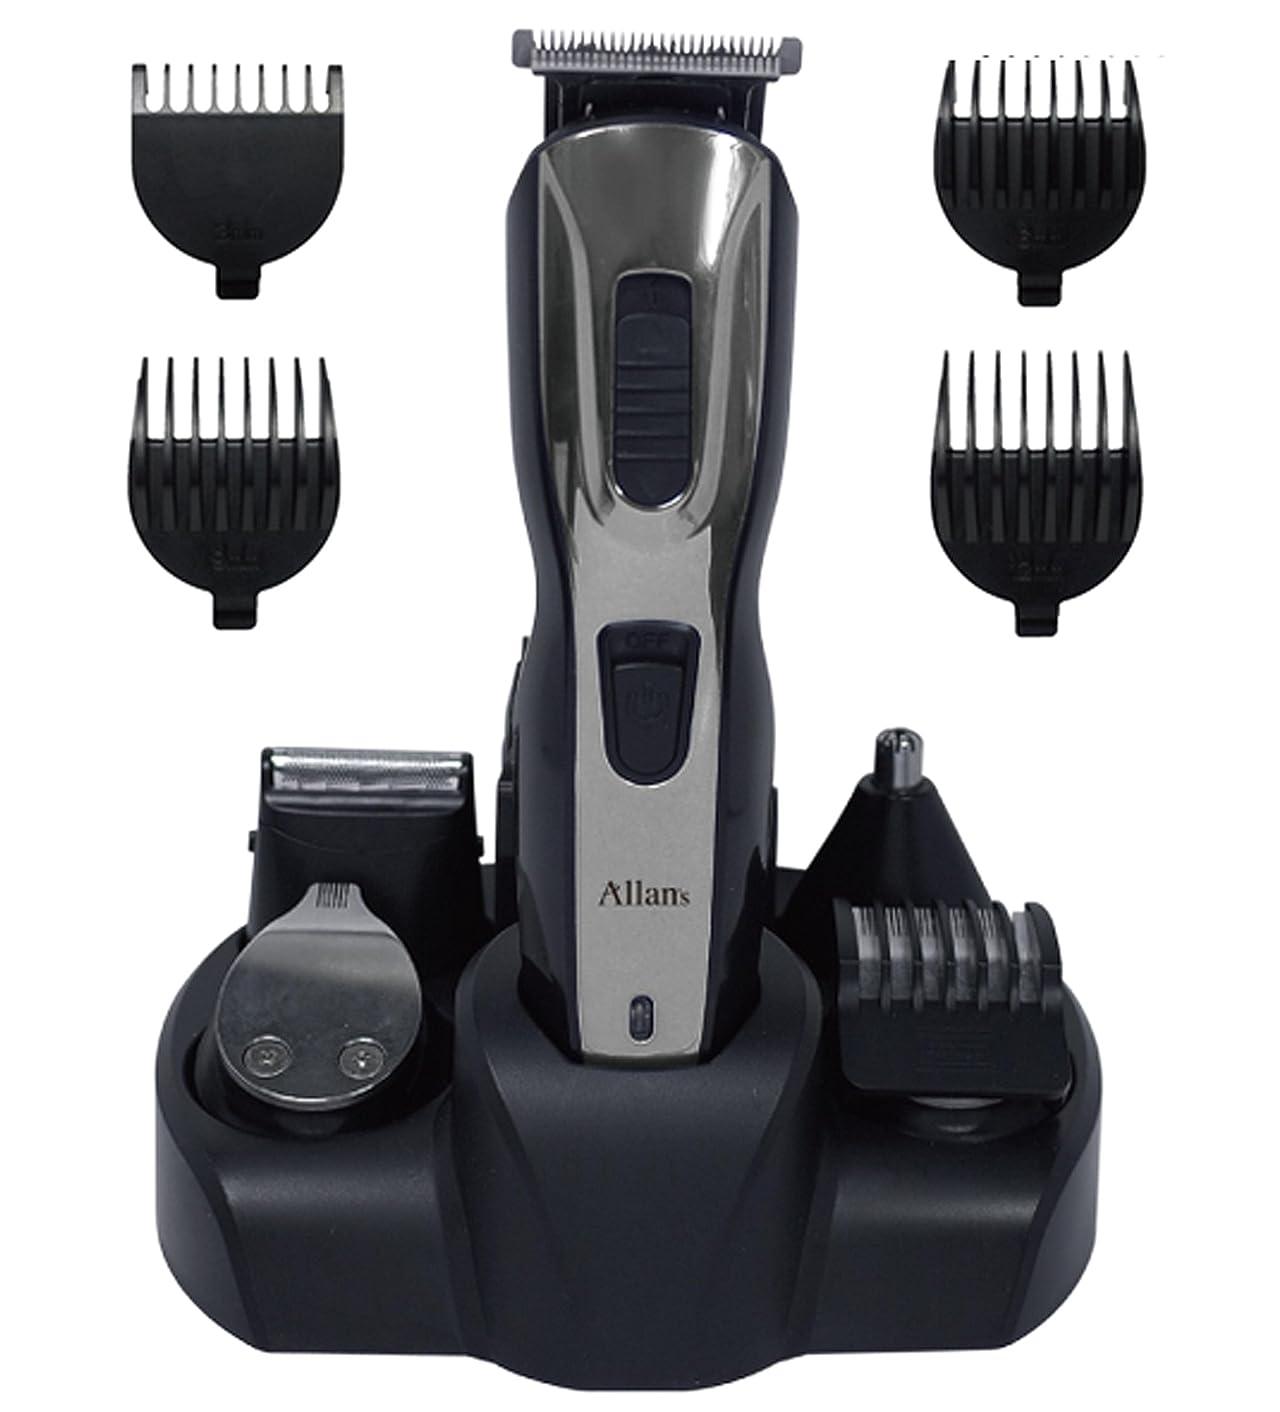 の慈悲で投げ捨てるサッカーAllans 充電式 メンズ グルーミング オールマイティ 5 (髪バリカン、髭剃り、ラインバリカン、鼻毛、ボディ) MEBM-22